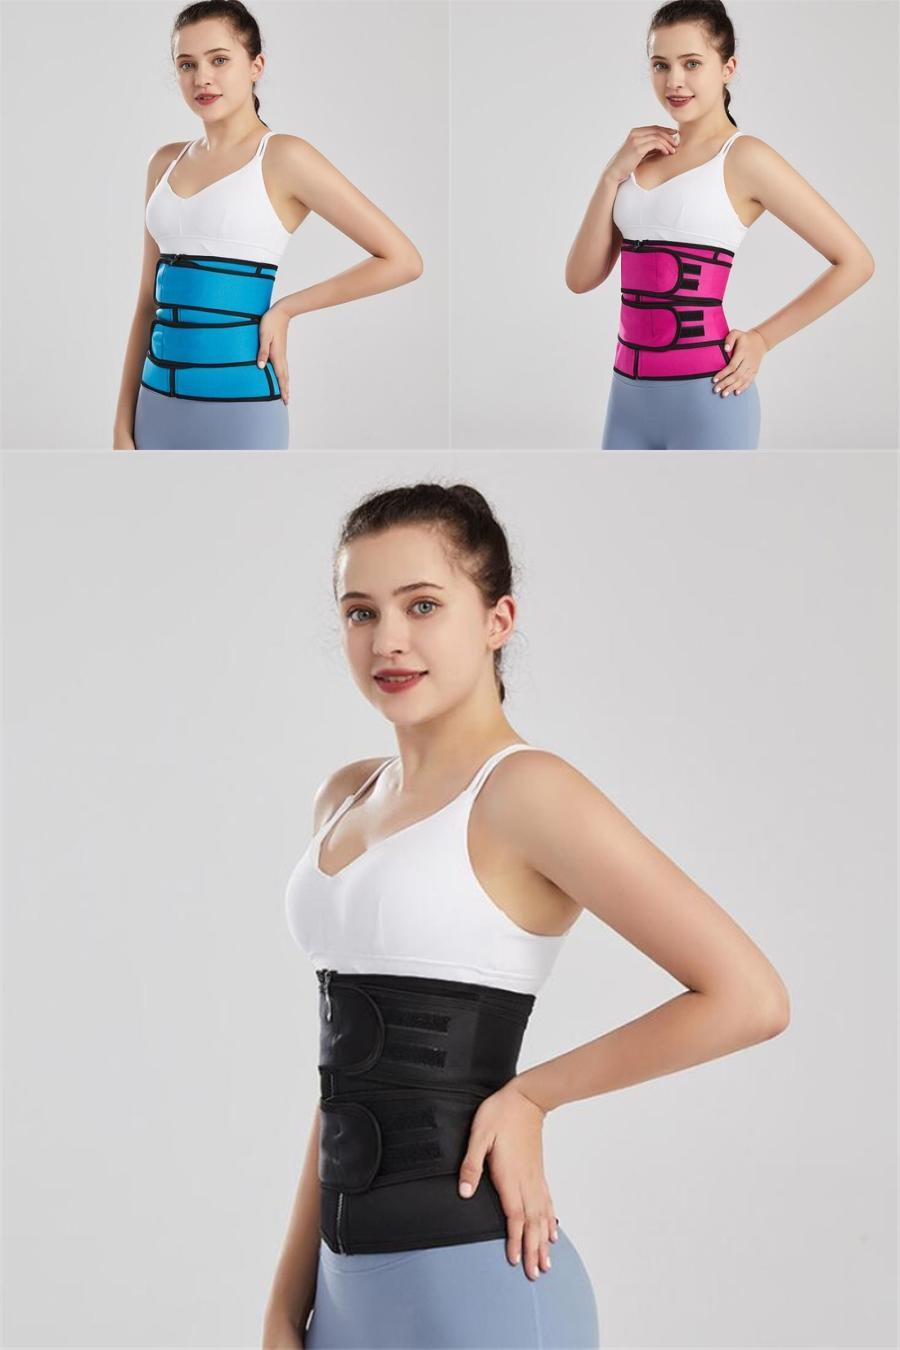 Gotoly más el tamaño de la cintura 6XL Trainer correa de las mujeres que adelgaza la talladora del cuerpo de la ropa interior de la panza de control de Cintura del corsé de la aptitud Fajas # 425